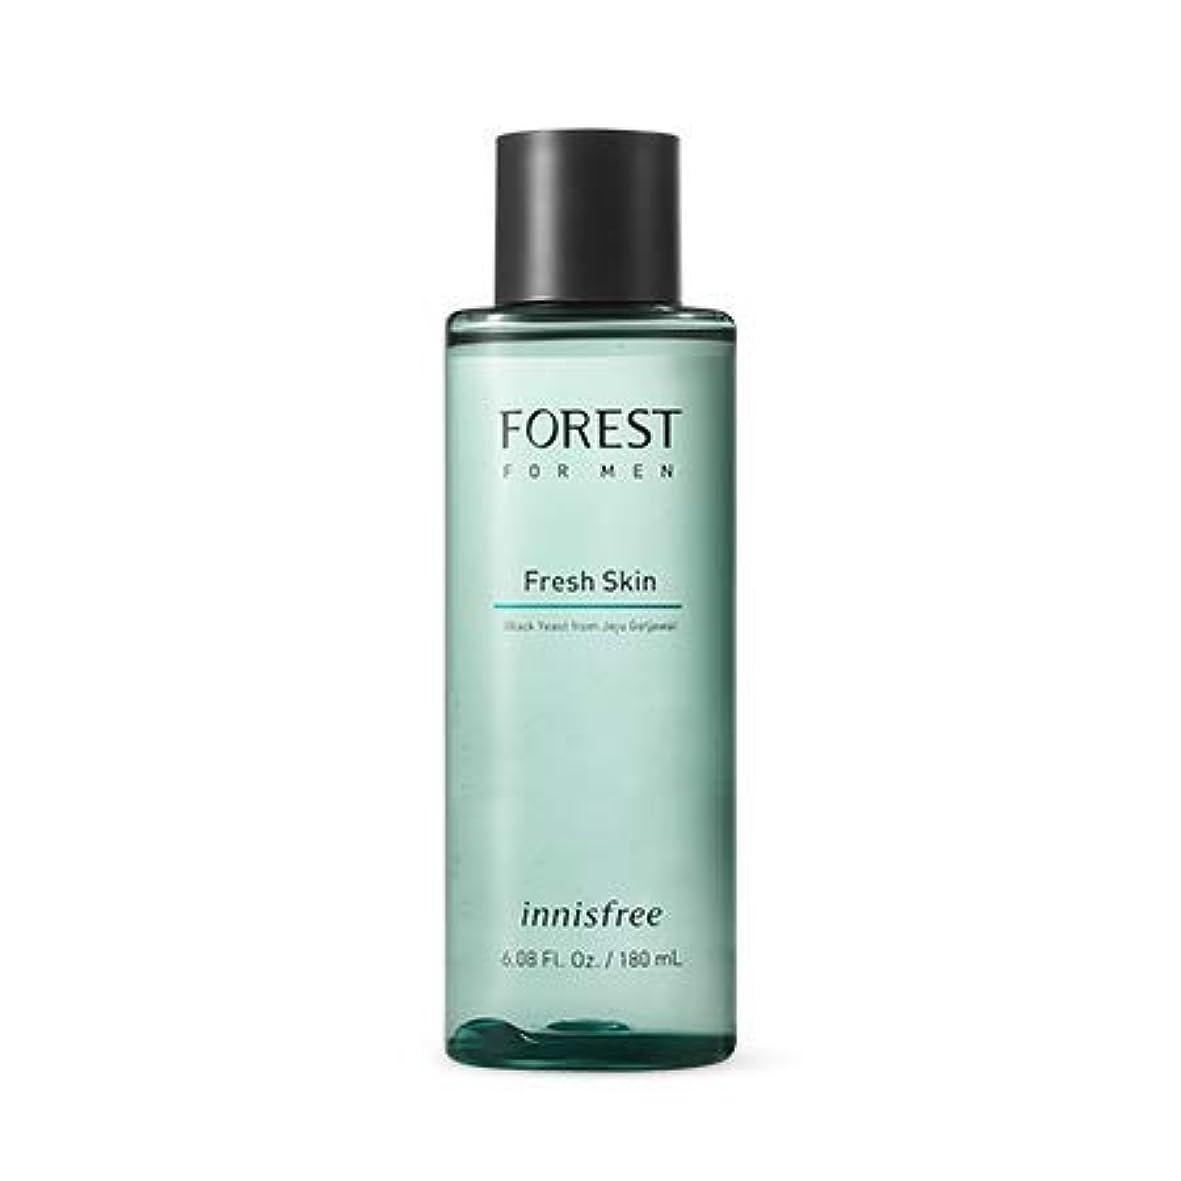 フリースペンピストン[イニスフリー]フォレストフォアマンフレッシュスキン180mL(2019.05 new)Forest for Men Fresh Skin